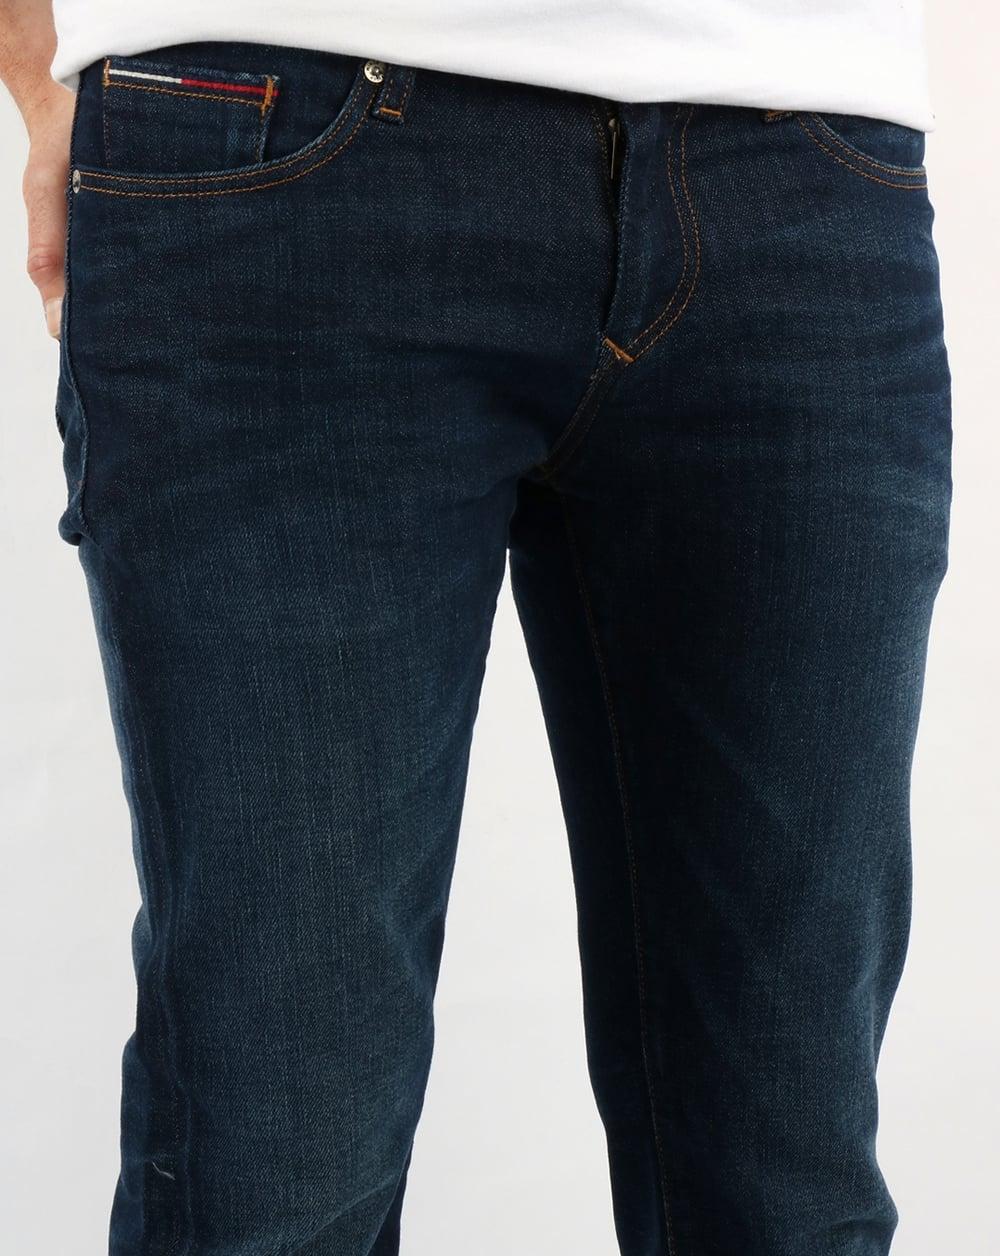 Tommy Hilfiger Scanton Slim Fit Jeans Vintage Dark Comfort